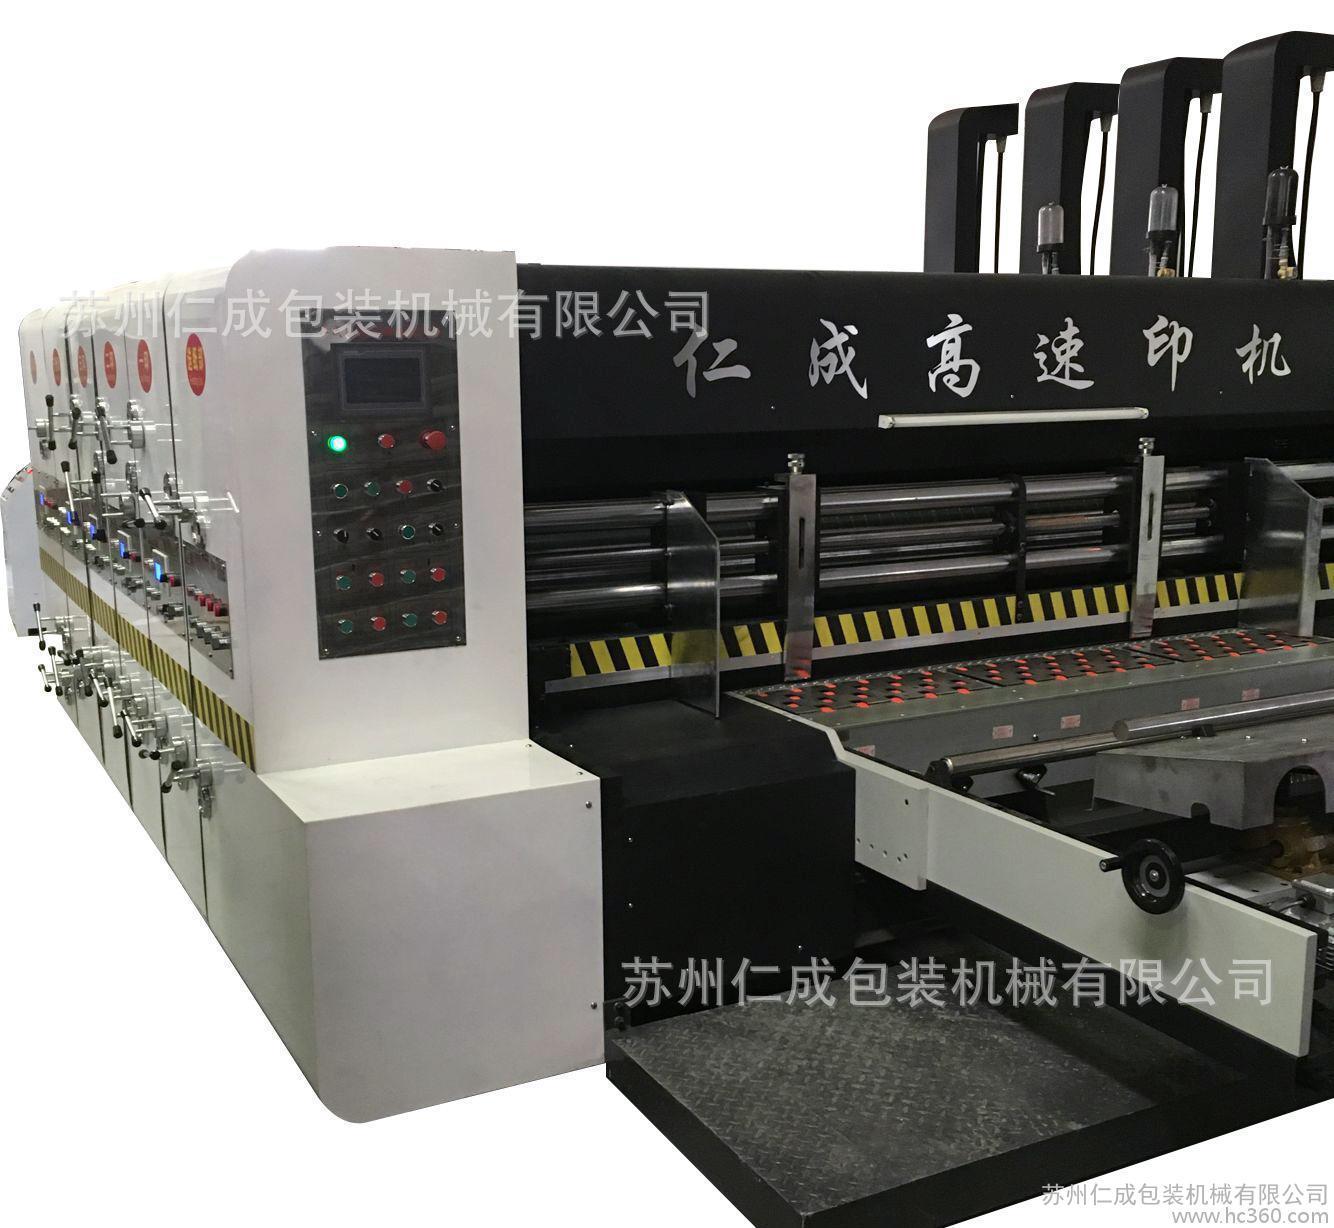 苏州仁成专业生产高速印刷机 印刷机 自动印刷开槽机 自动印刷开槽模切机 高速机 印刷模切机 印刷开槽机 高速印刷机